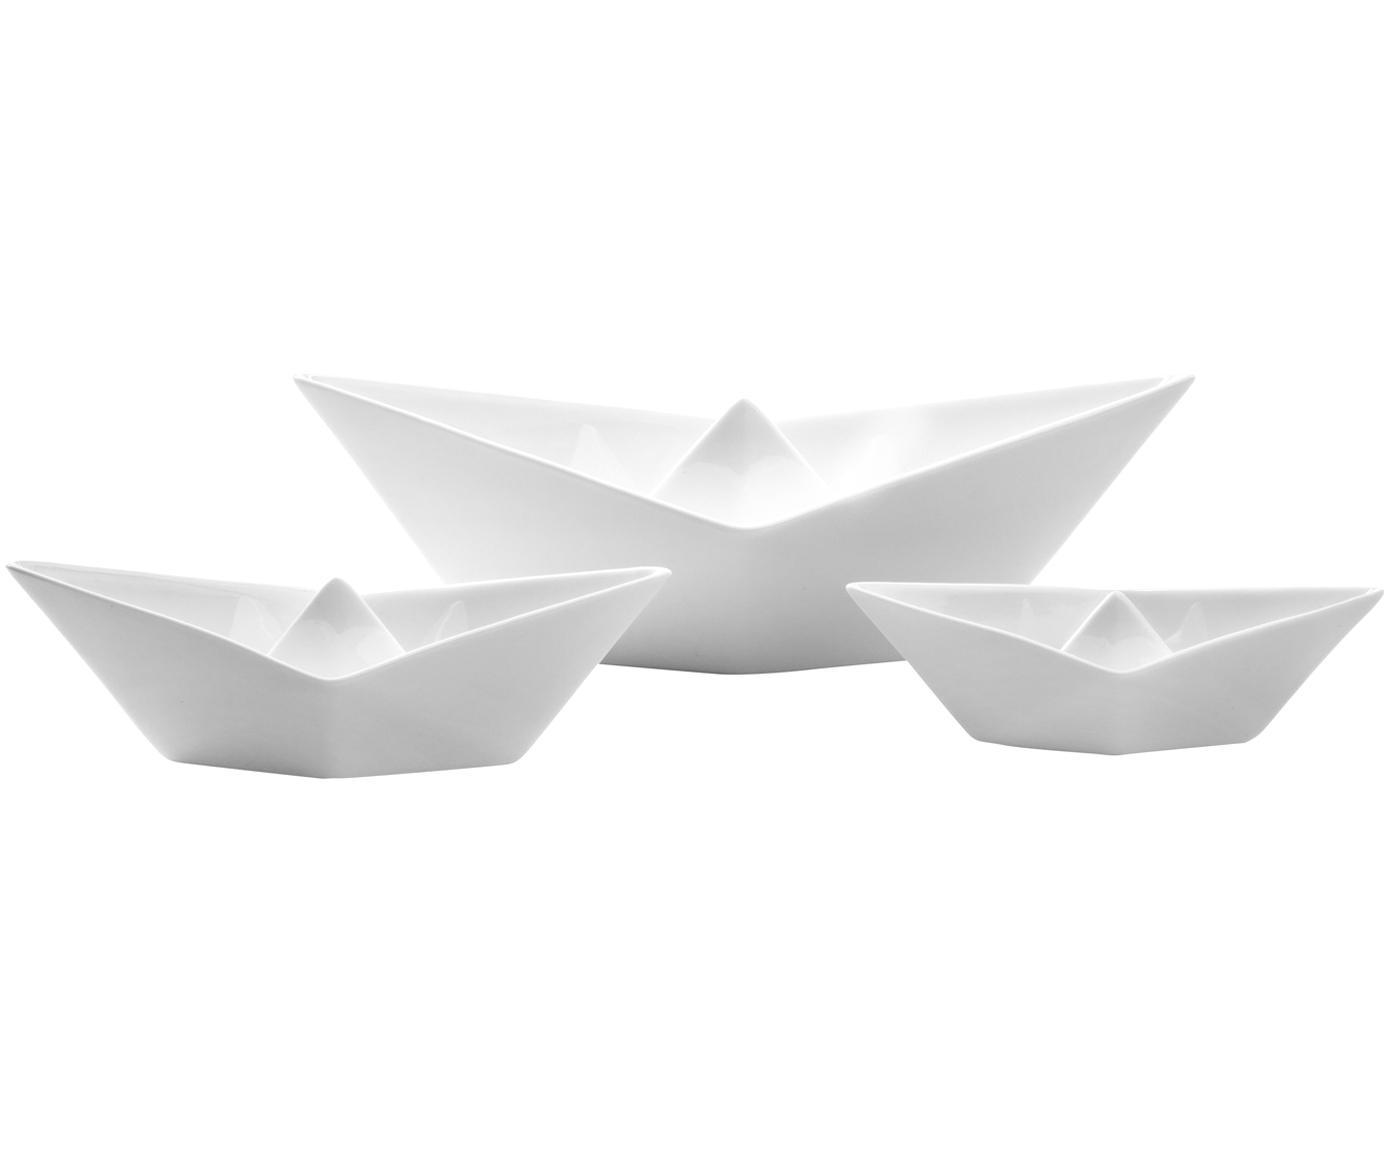 Set de barcos de decoración My Boat, 3pzas., Porcelana, Blanco, Tamaños diferentes